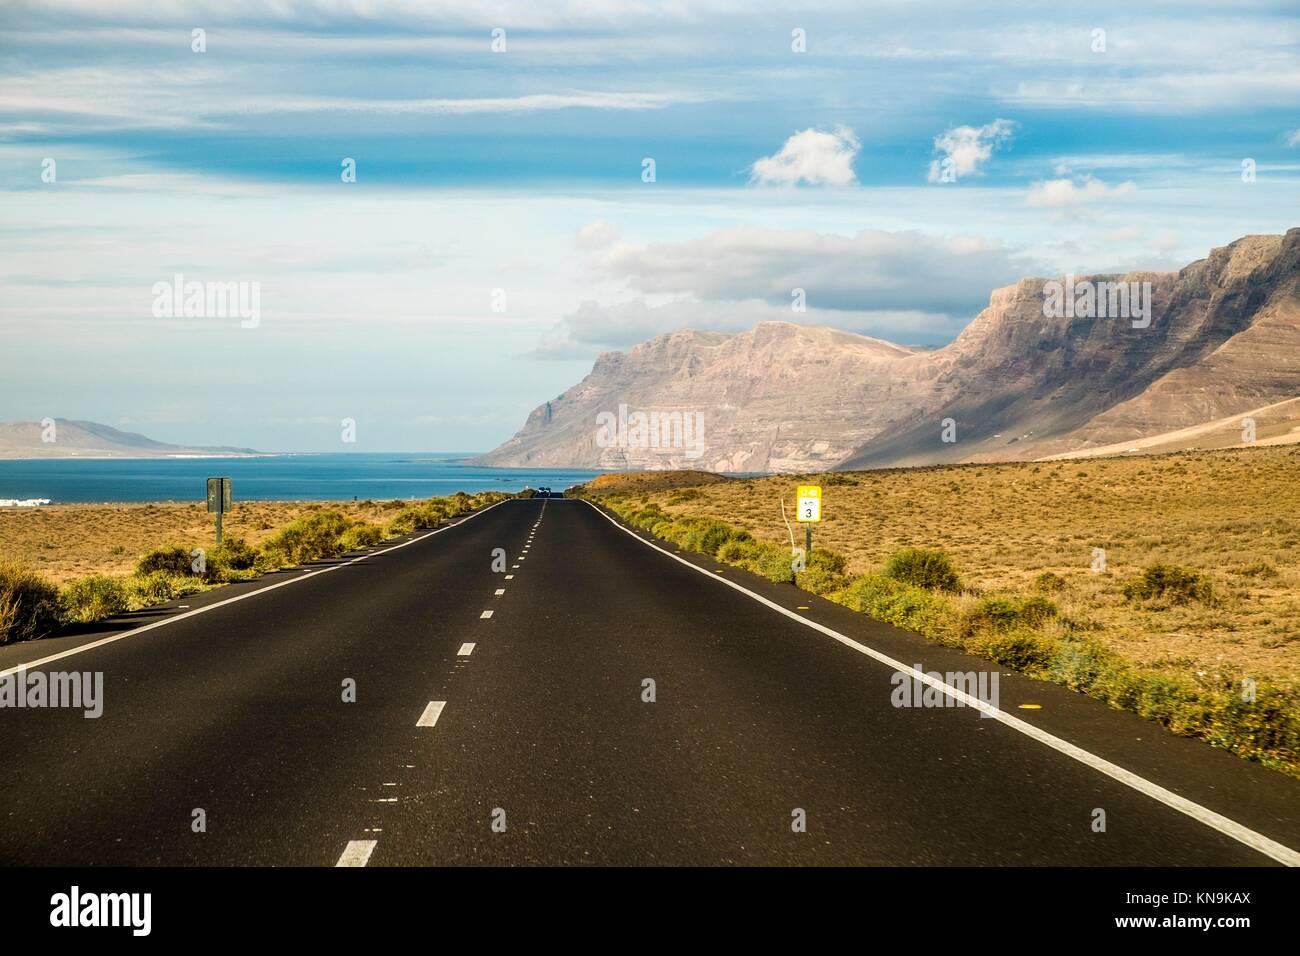 Straße im Vulkangebiet von Lanzarote, Kanarische Inseln, Spanien. Stockbild